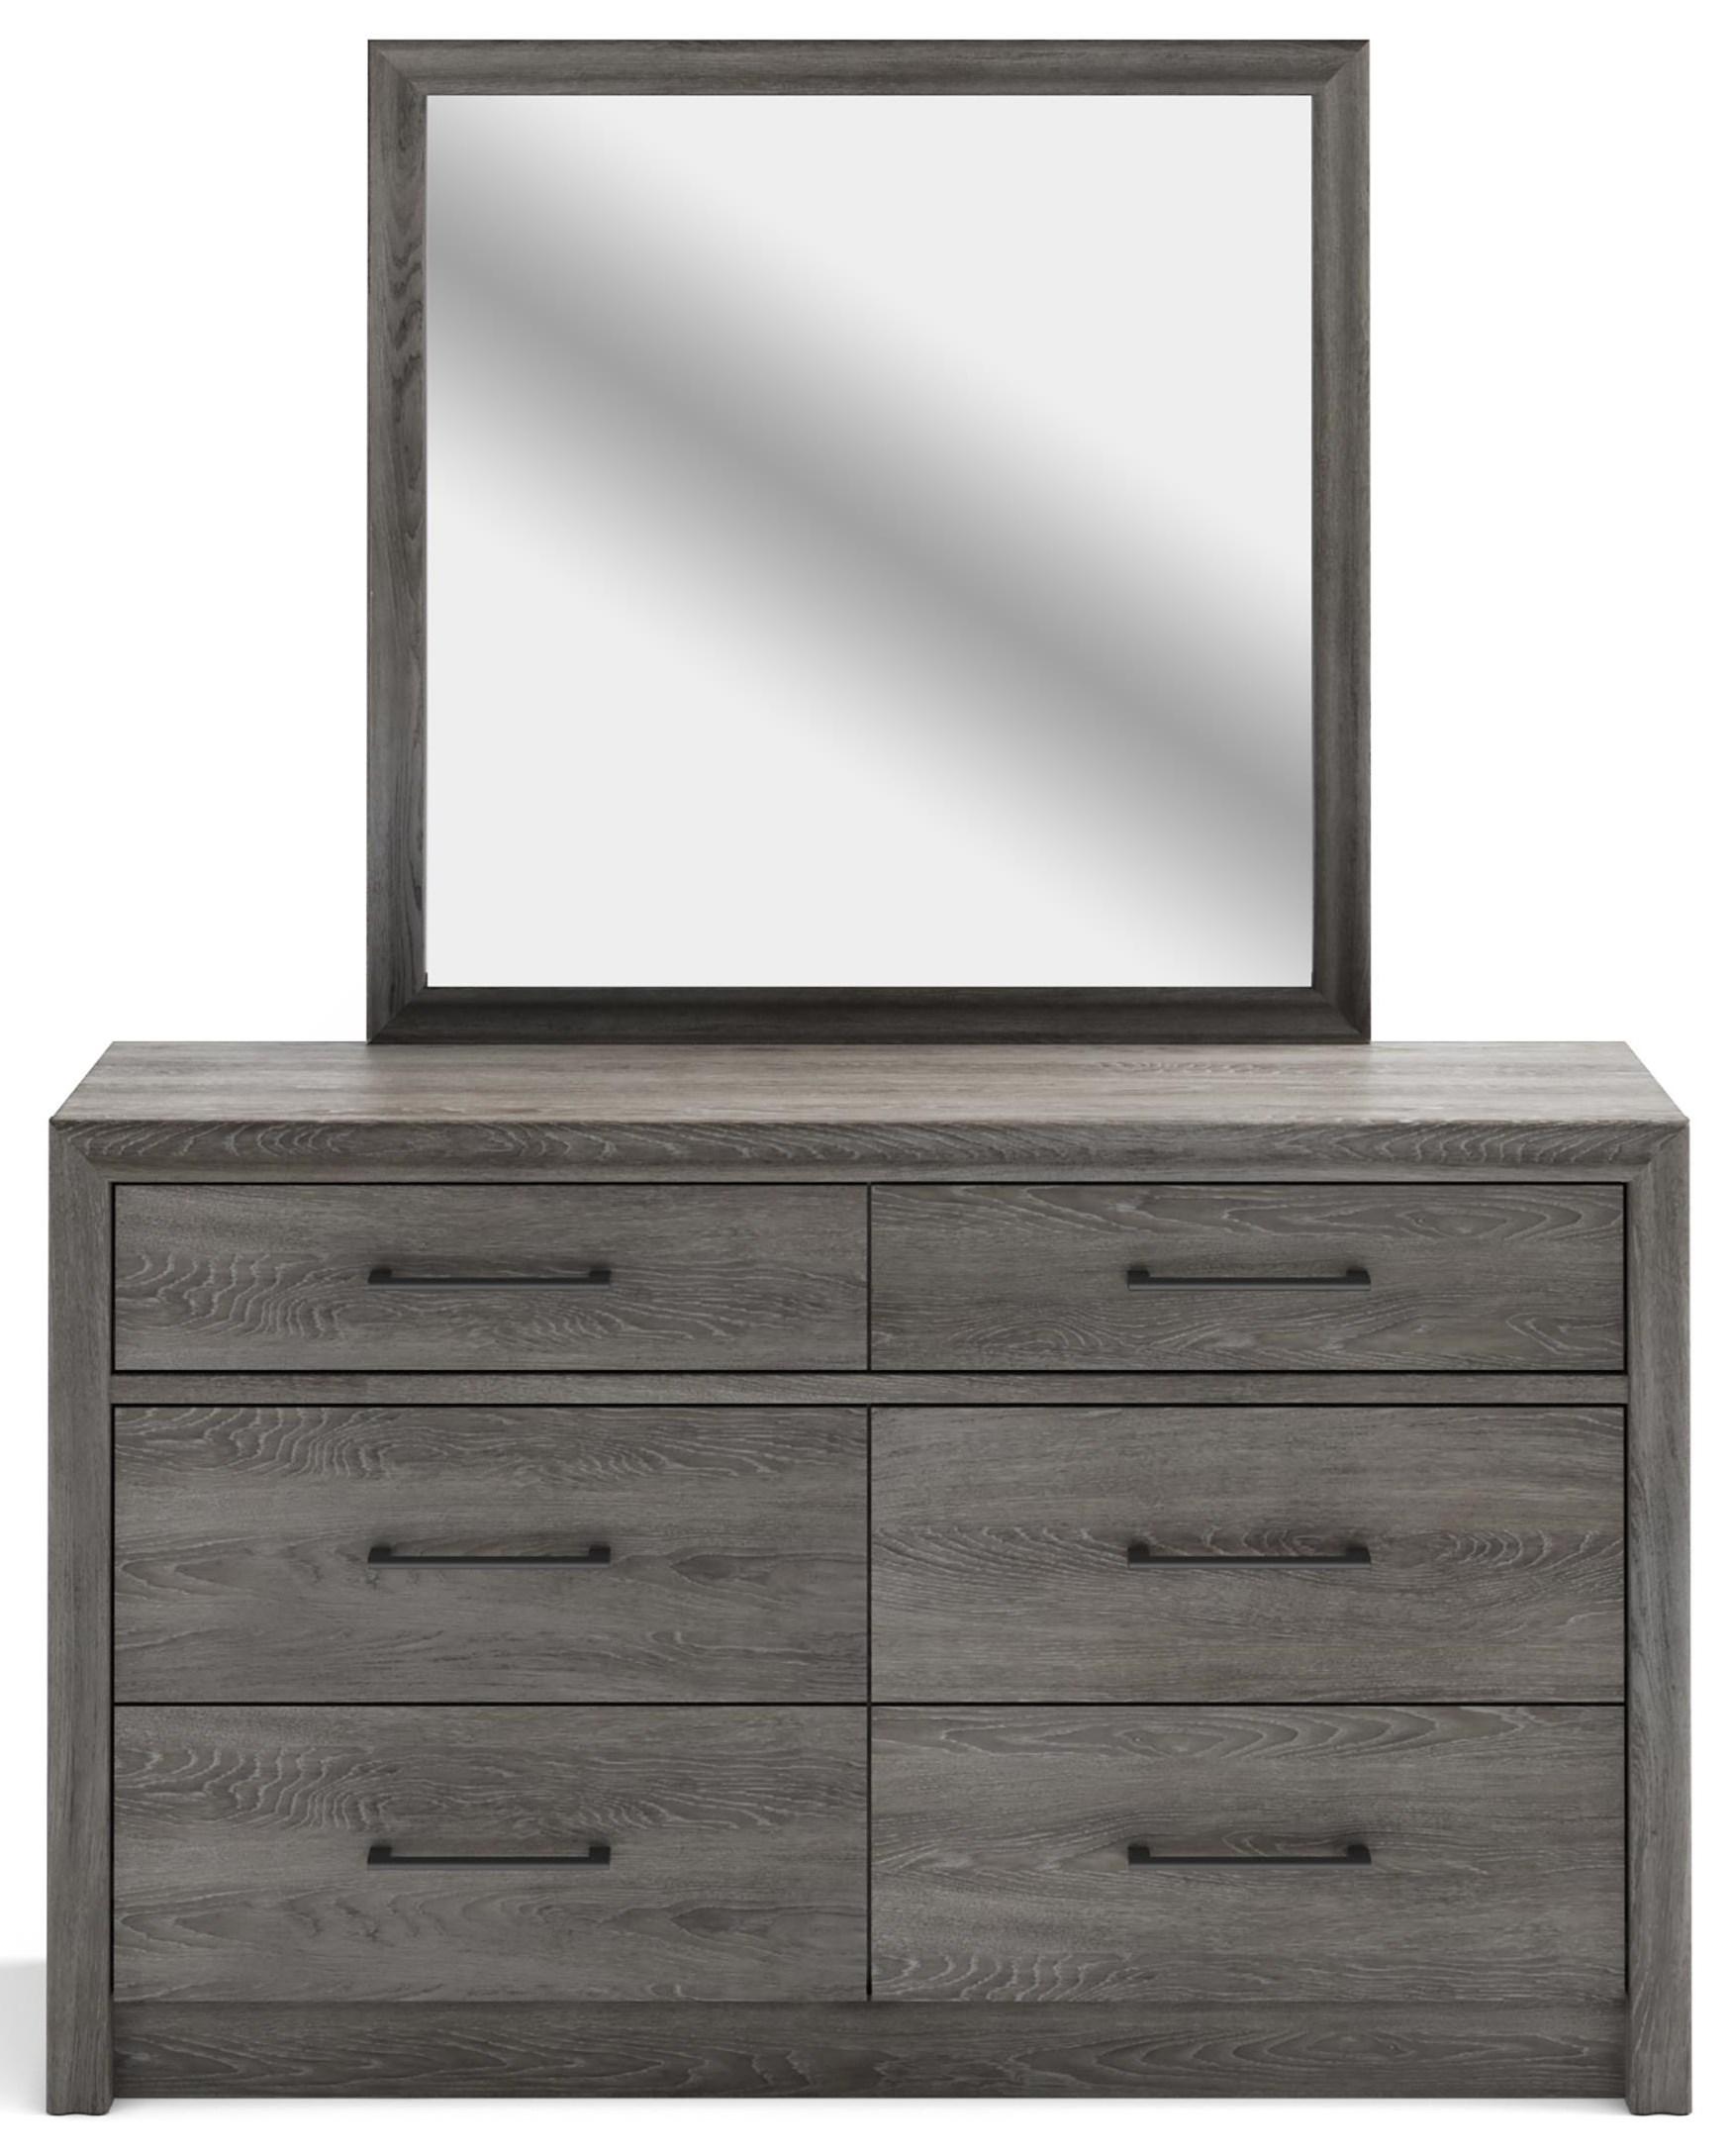 511 Westpoint Landscape Mirror by Defehr at Stoney Creek Furniture